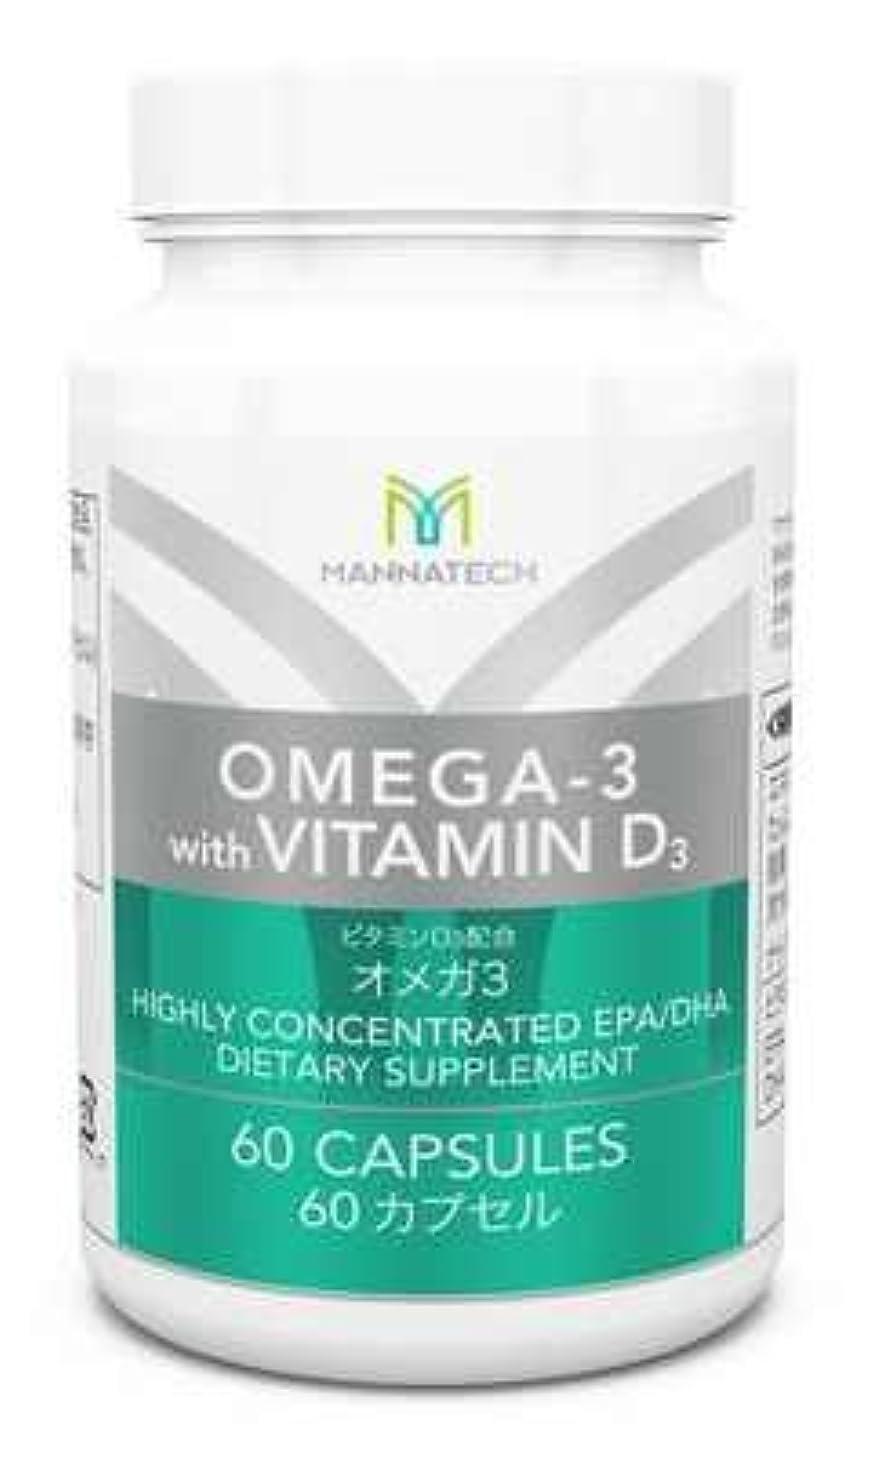 ピボット一般湿原マナテック オメガ3 60カプセル 日本向 必須脂肪酸を手軽に摂取